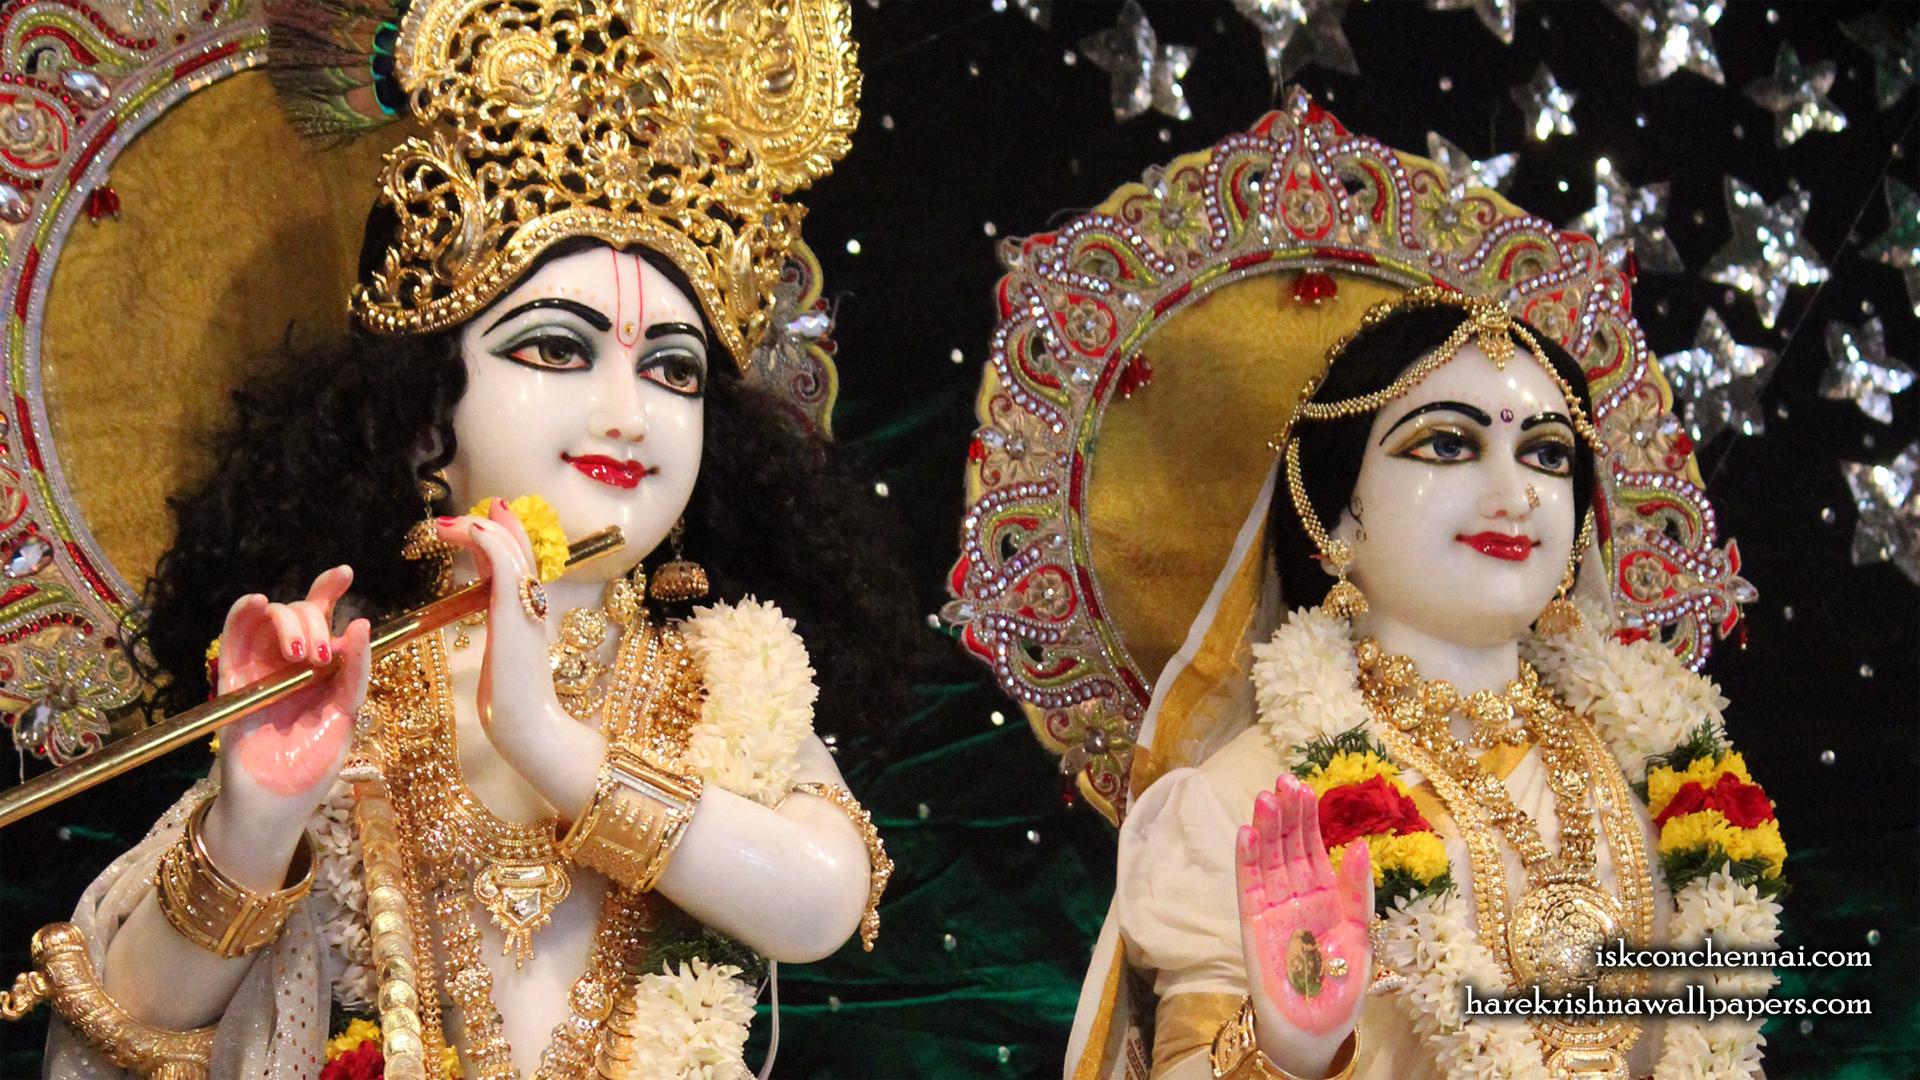 Sri Sri Radha Krishna Close up Wallpaper (009) Size 1920x1080 Download